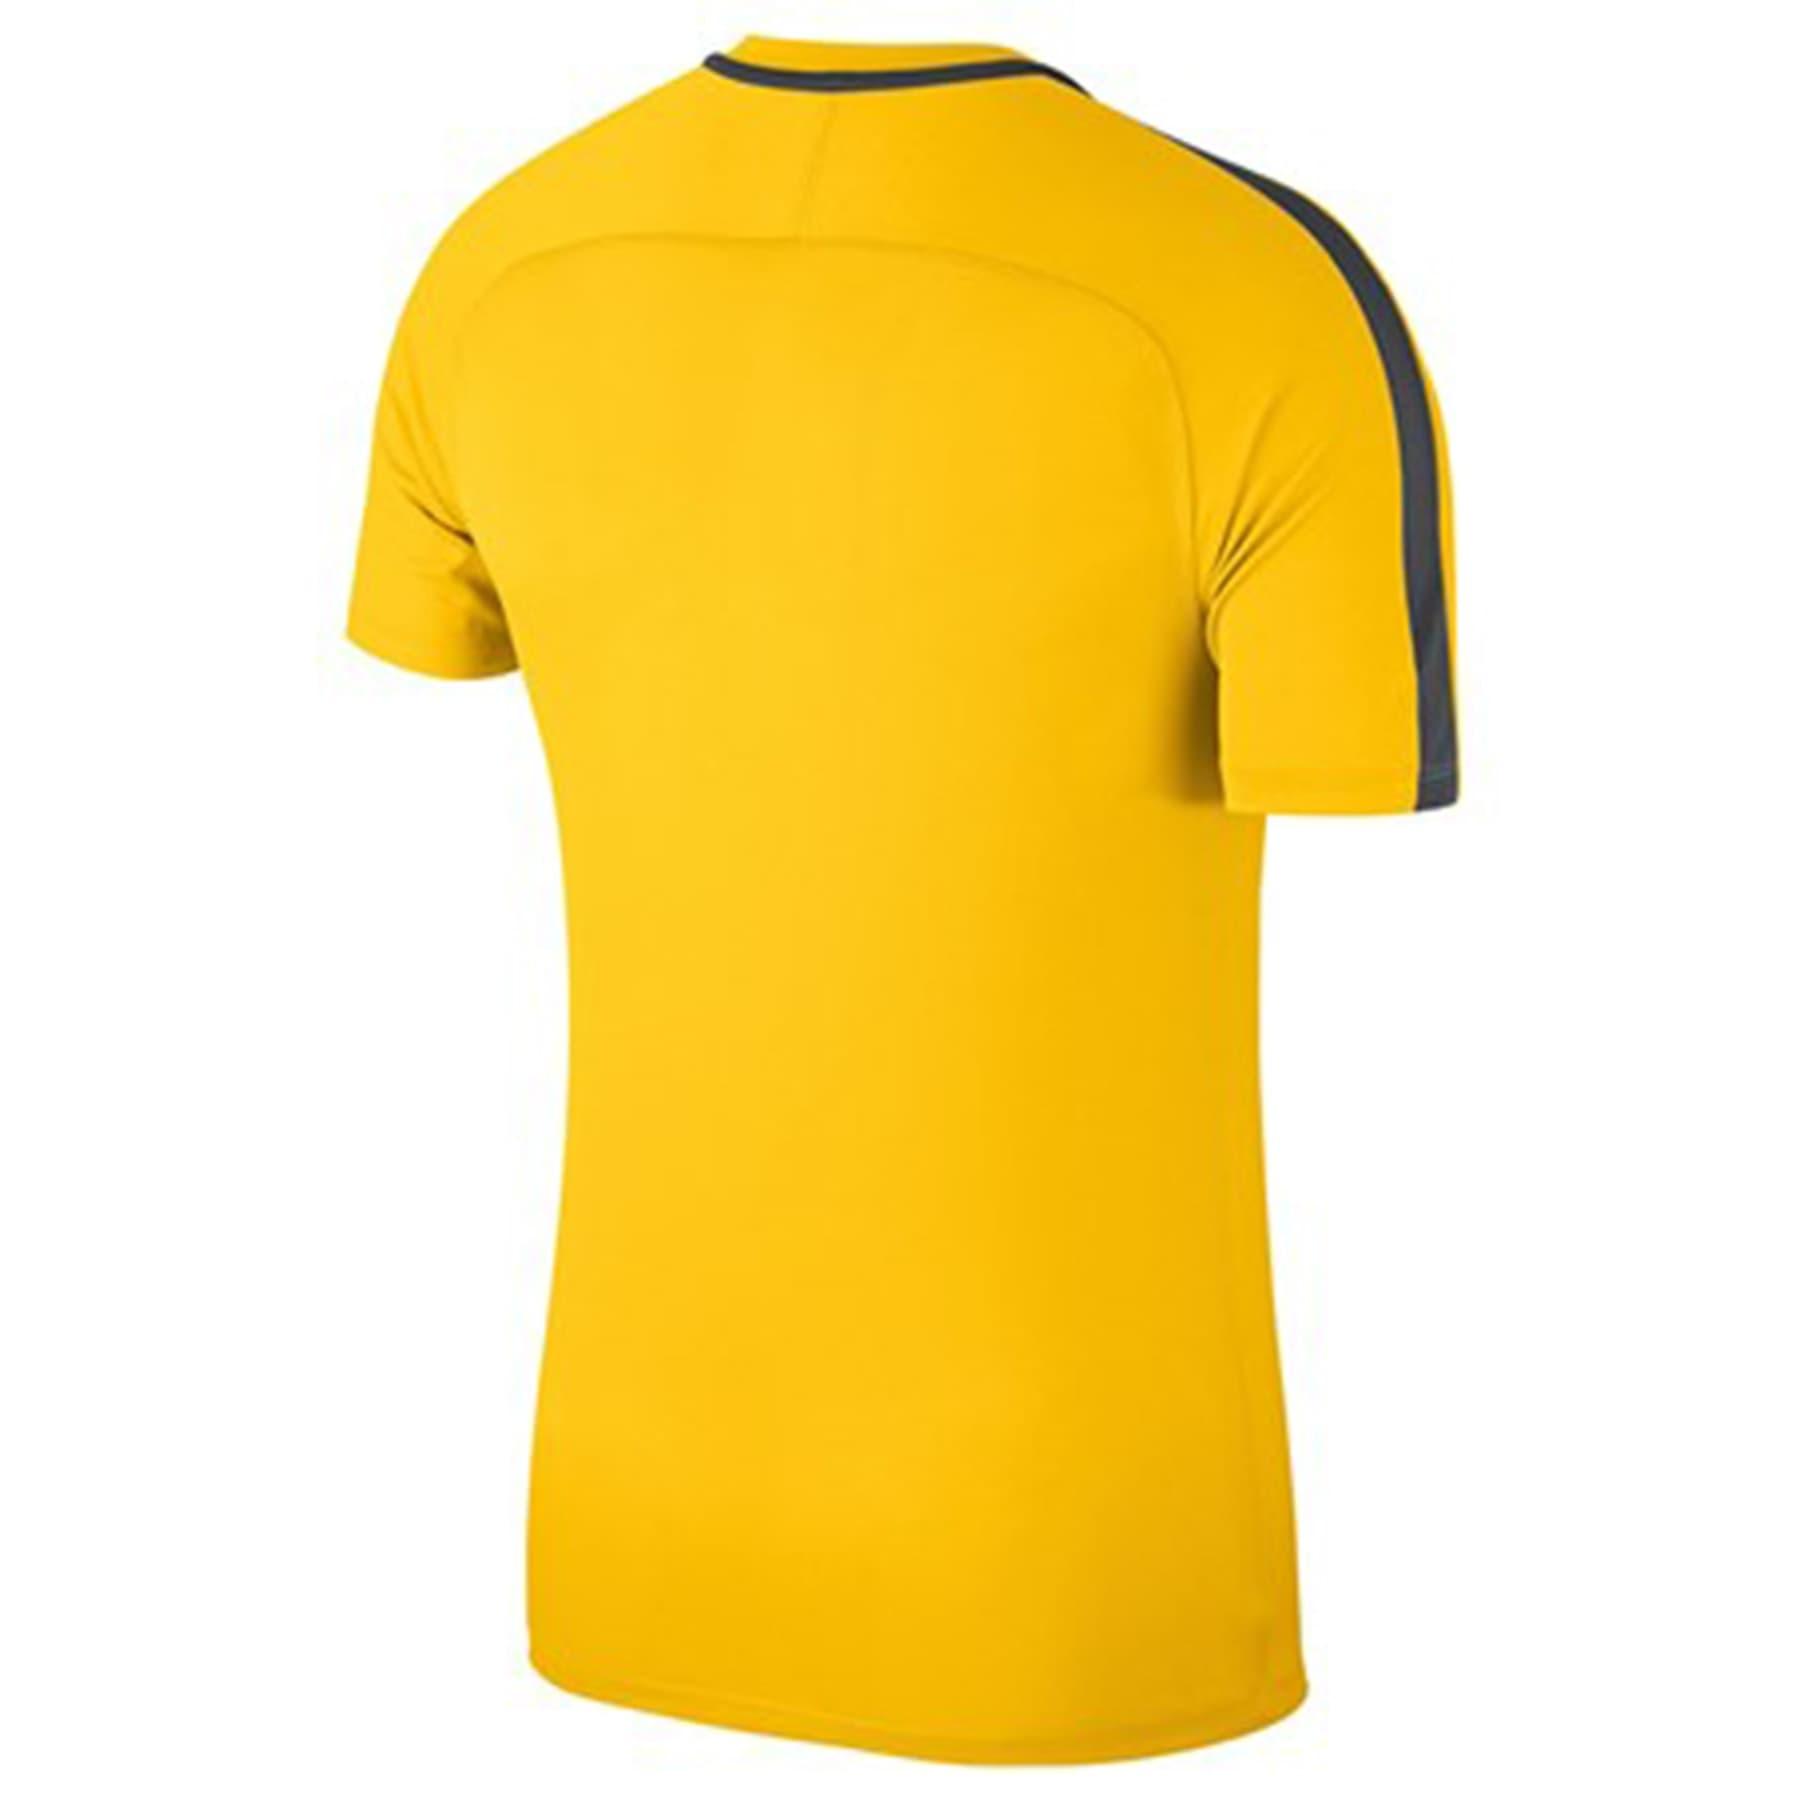 Dry Academy 18 Erkek Sarı Spor Tişört (893693-719)